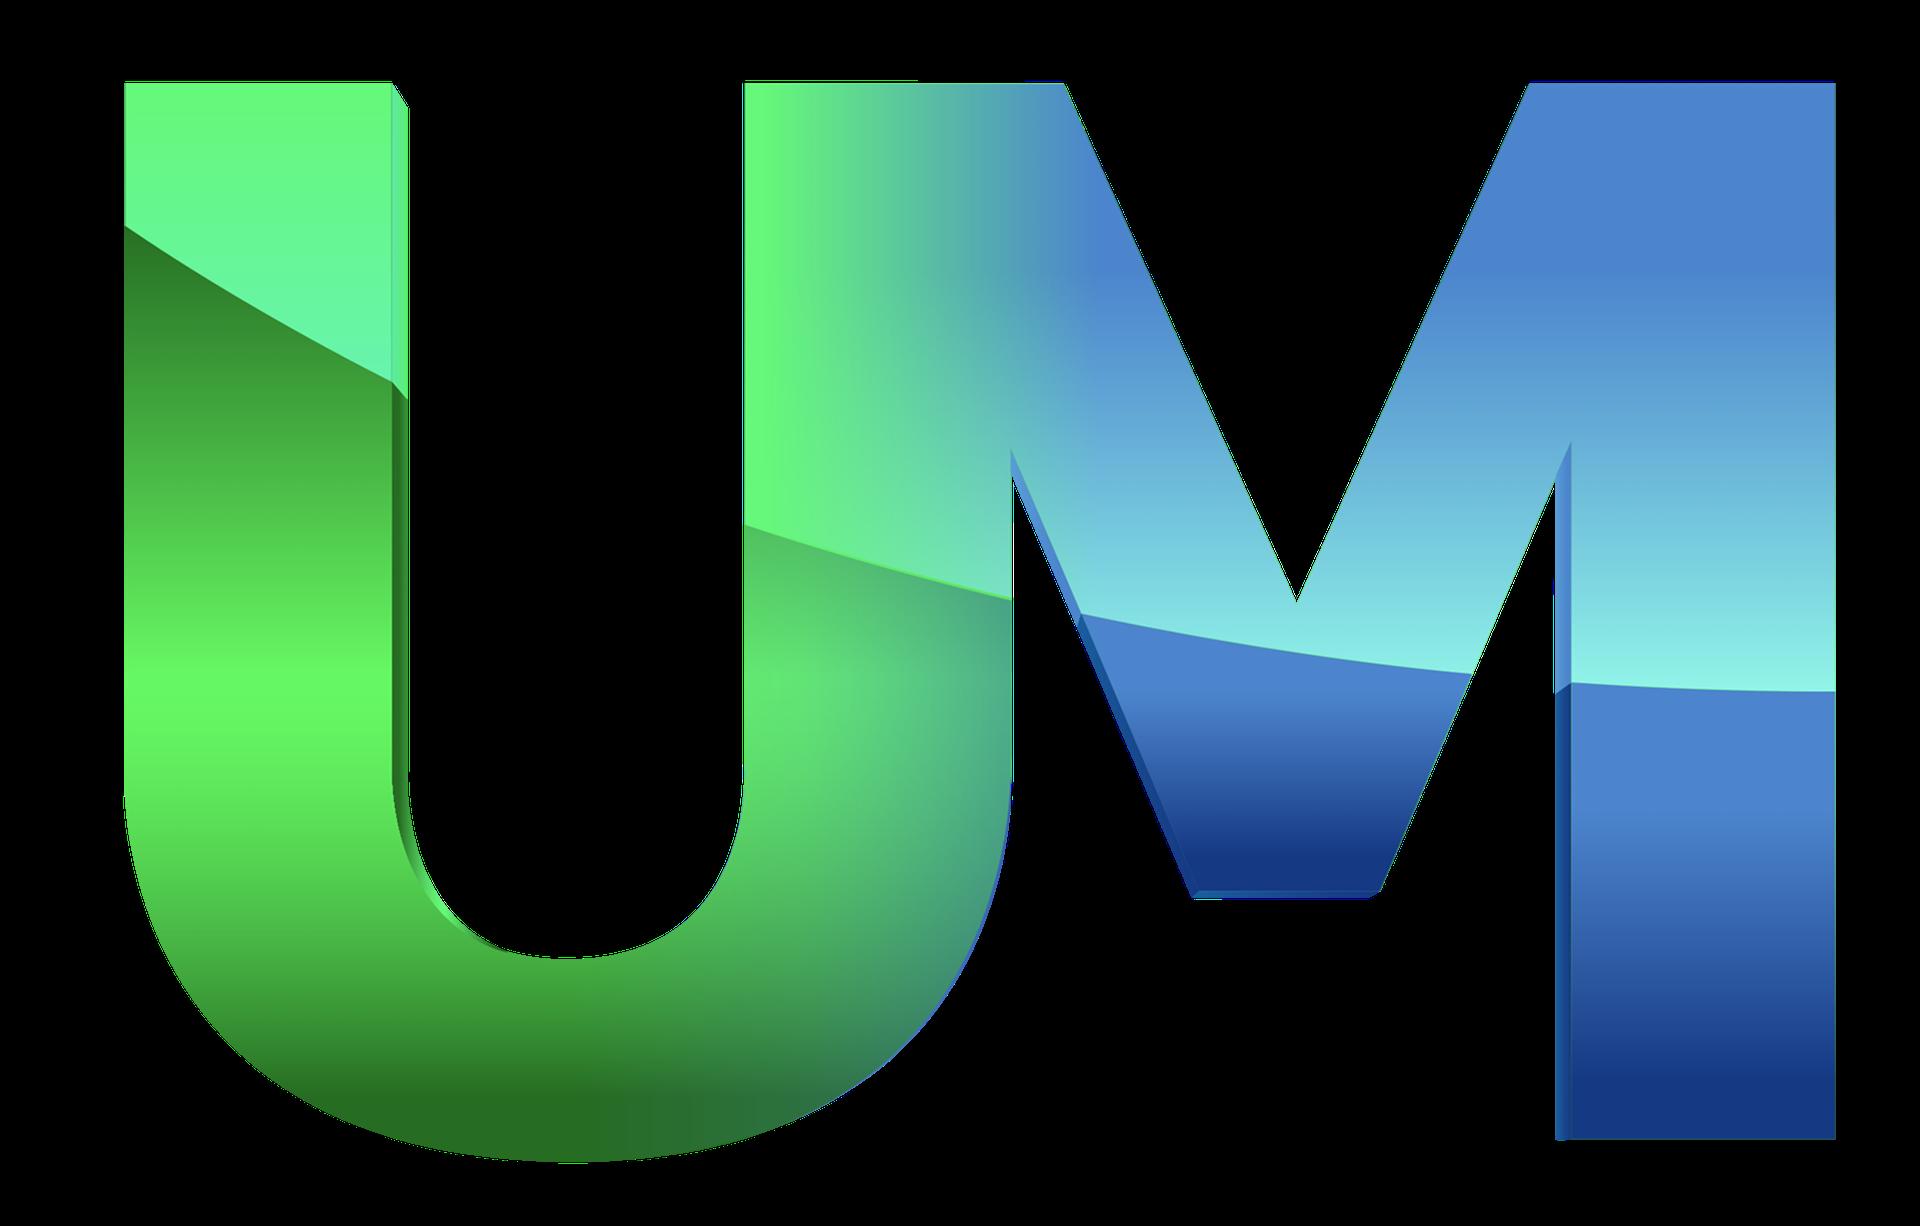 Um Logos.